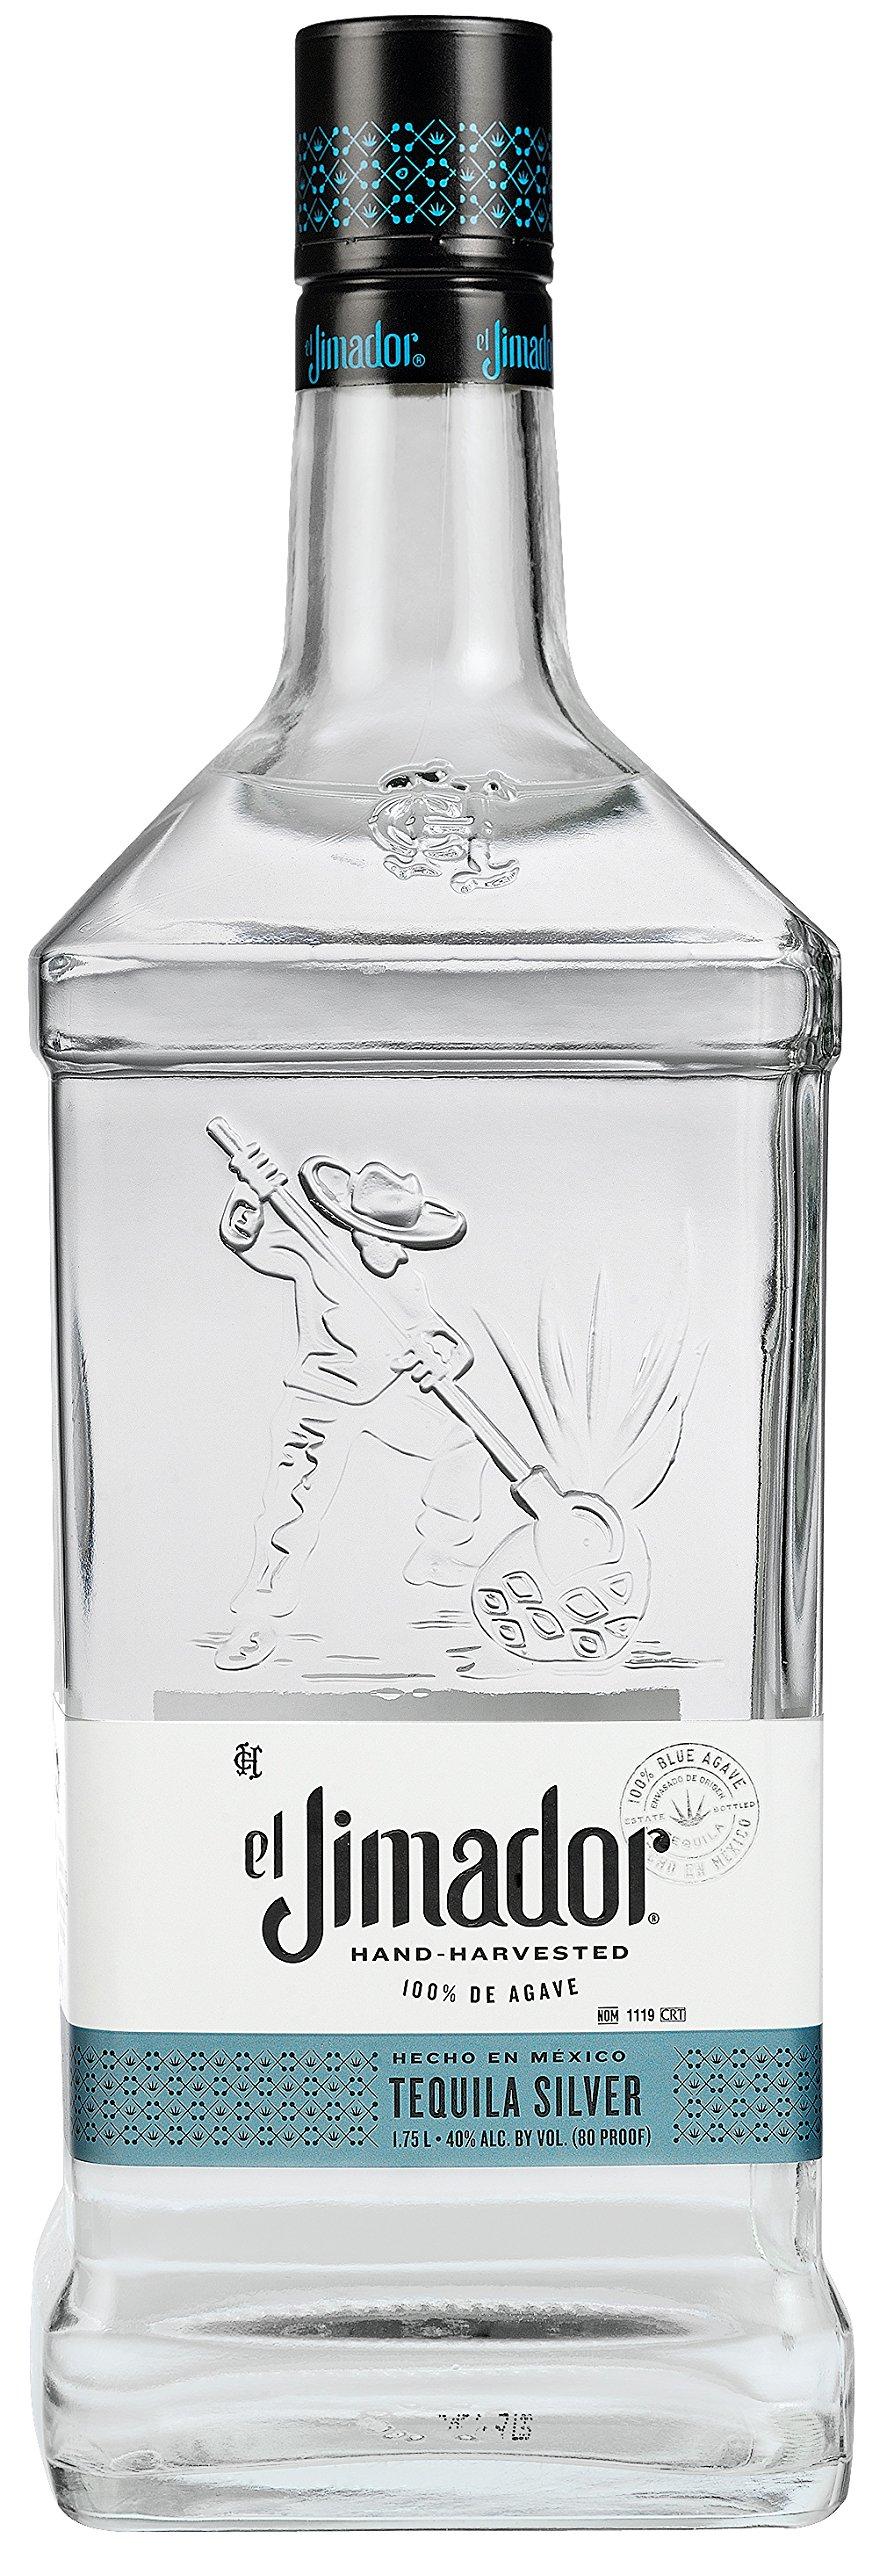 El-Jimador-Tequila-Blanco-07-l